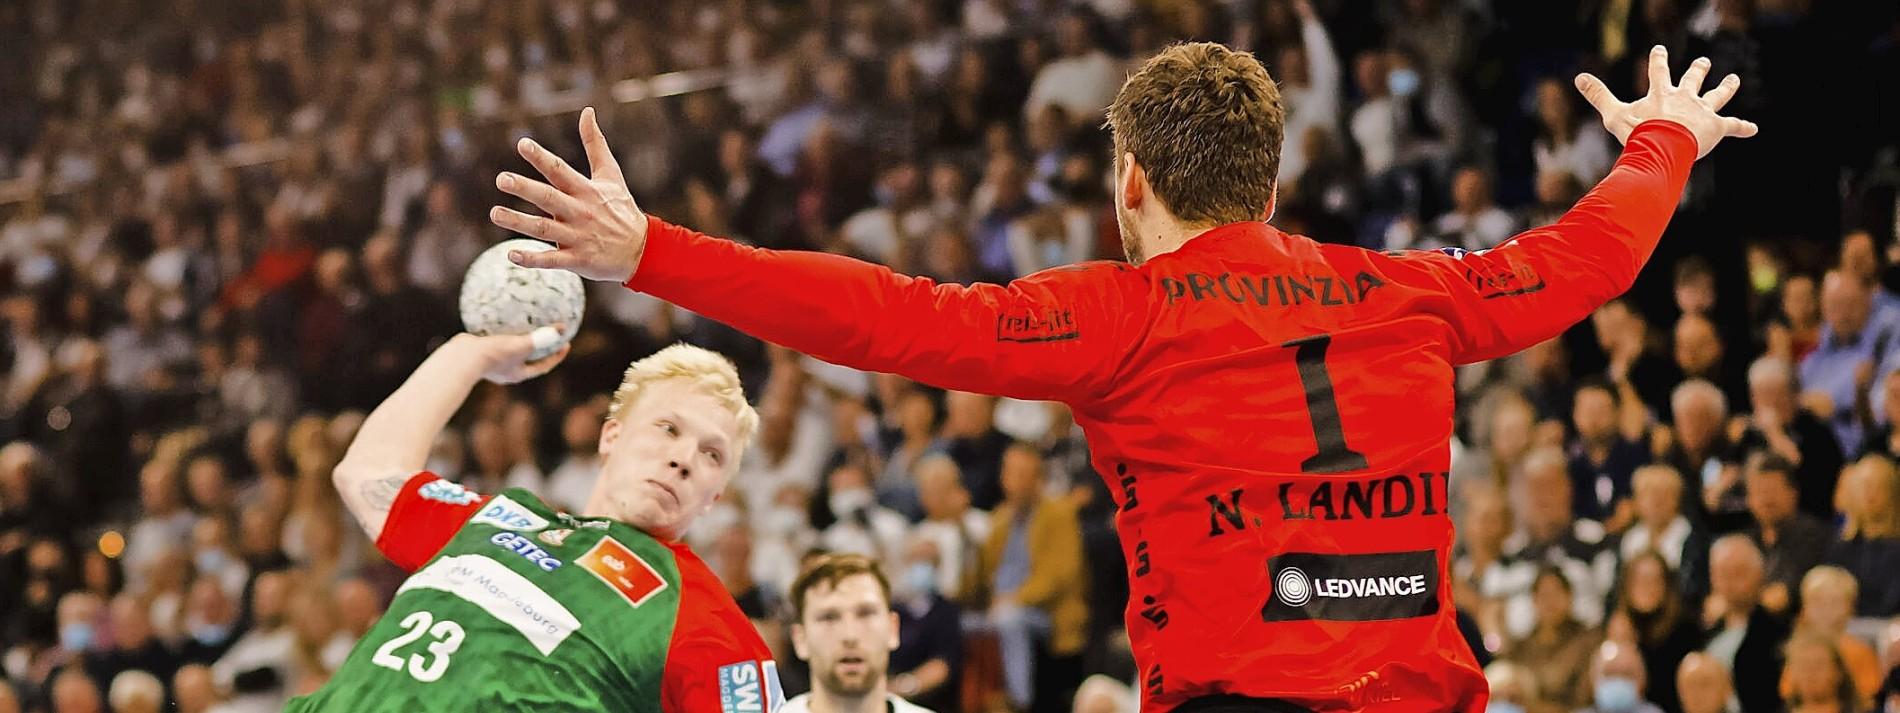 Magdeburg ist ein heißer Meisterschaftskandidat